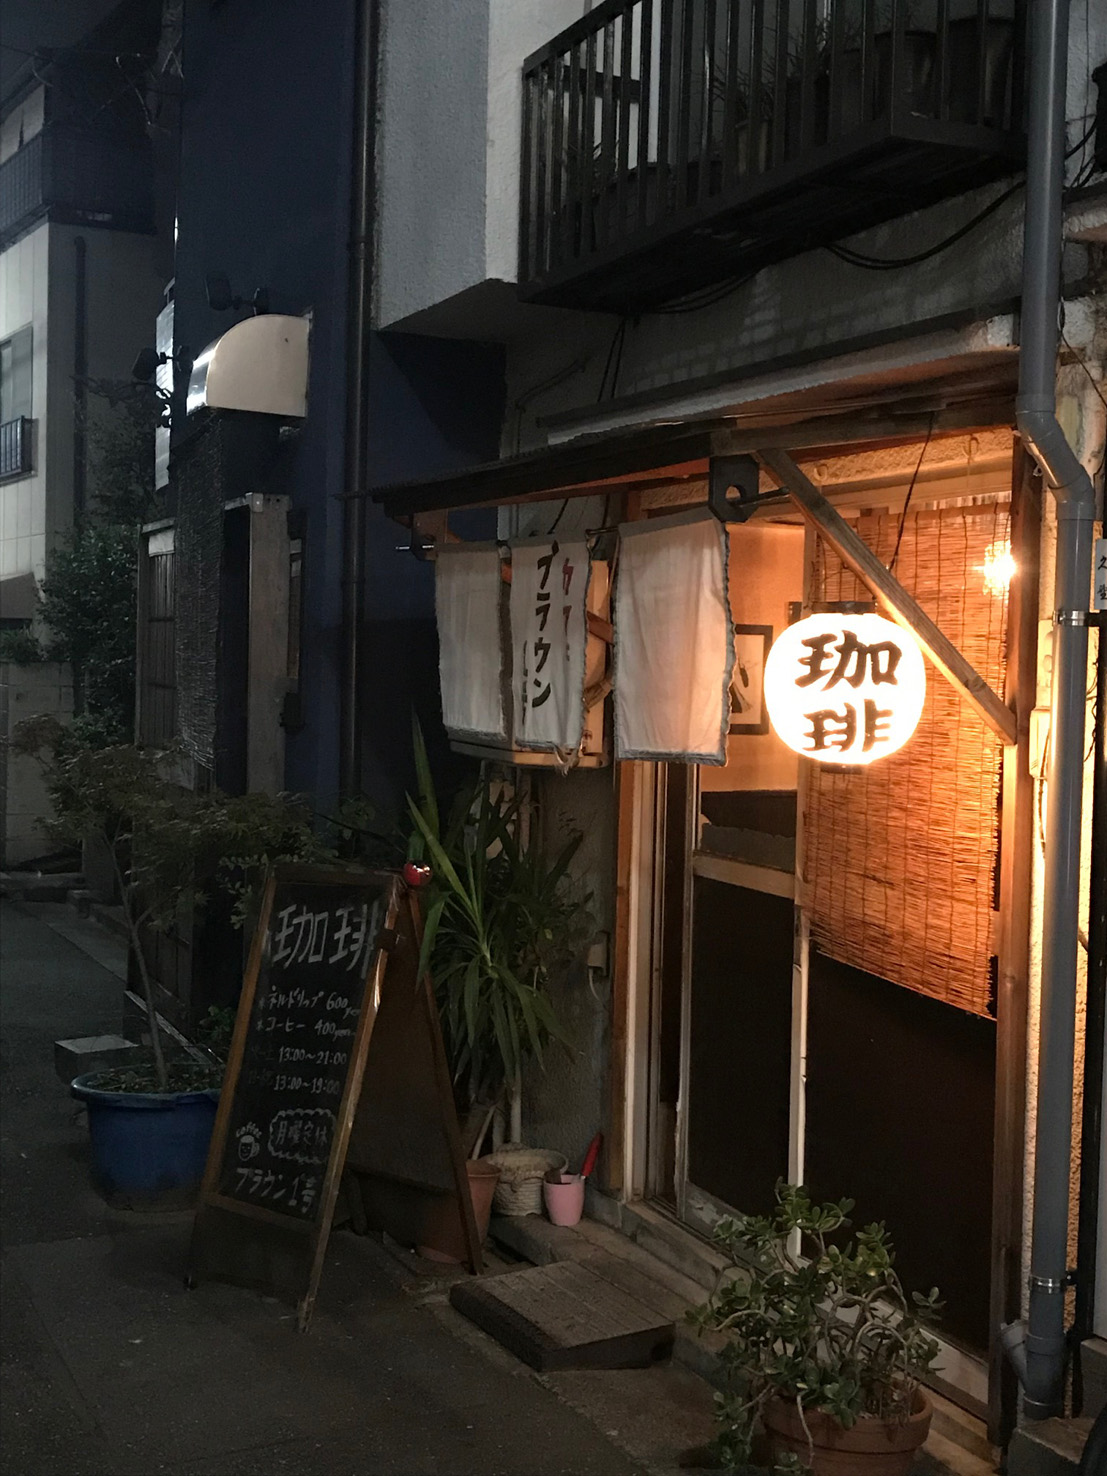 店舗デザイン インテリアデザイン shopdesign東京 横浜